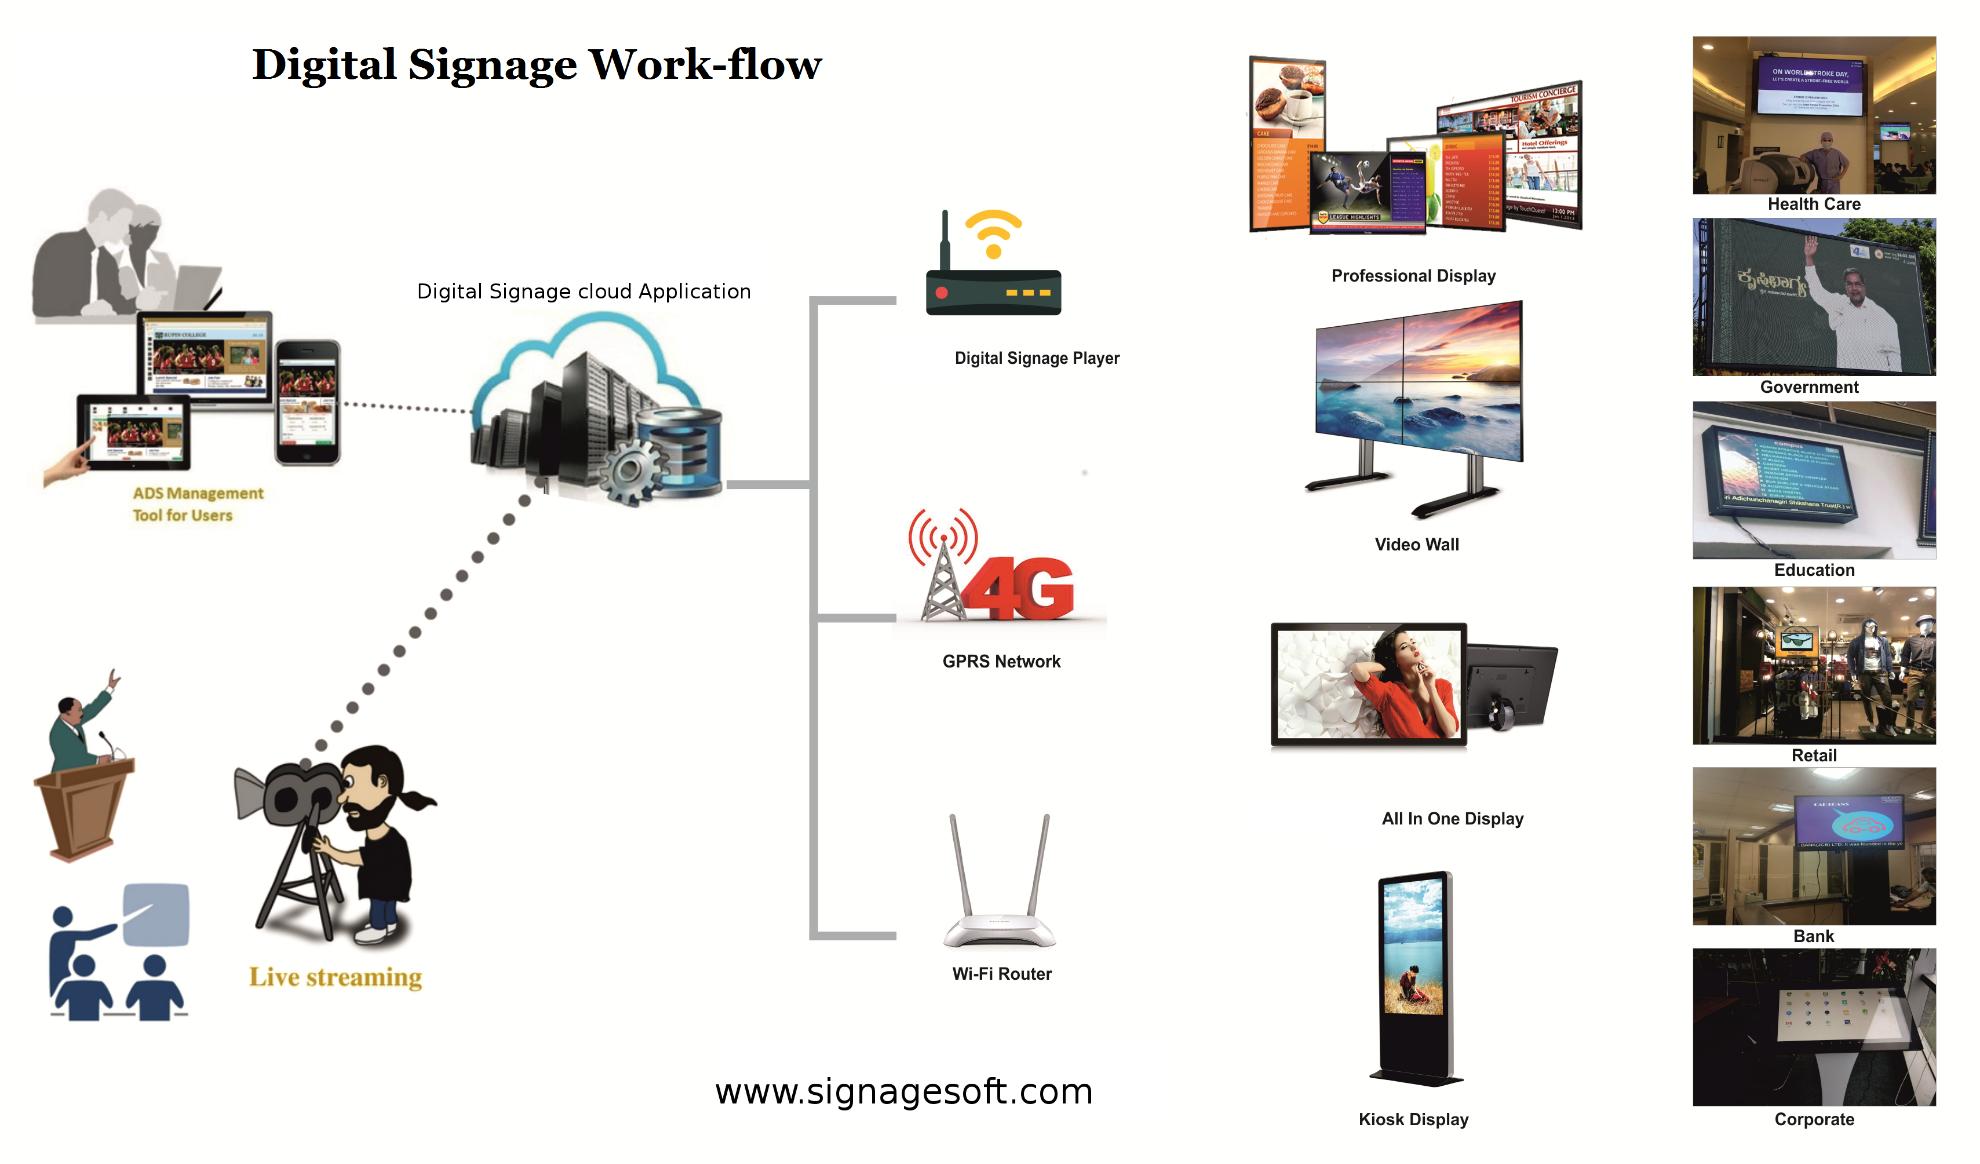 Cloud Based Digital Signage Software - Signage Soft